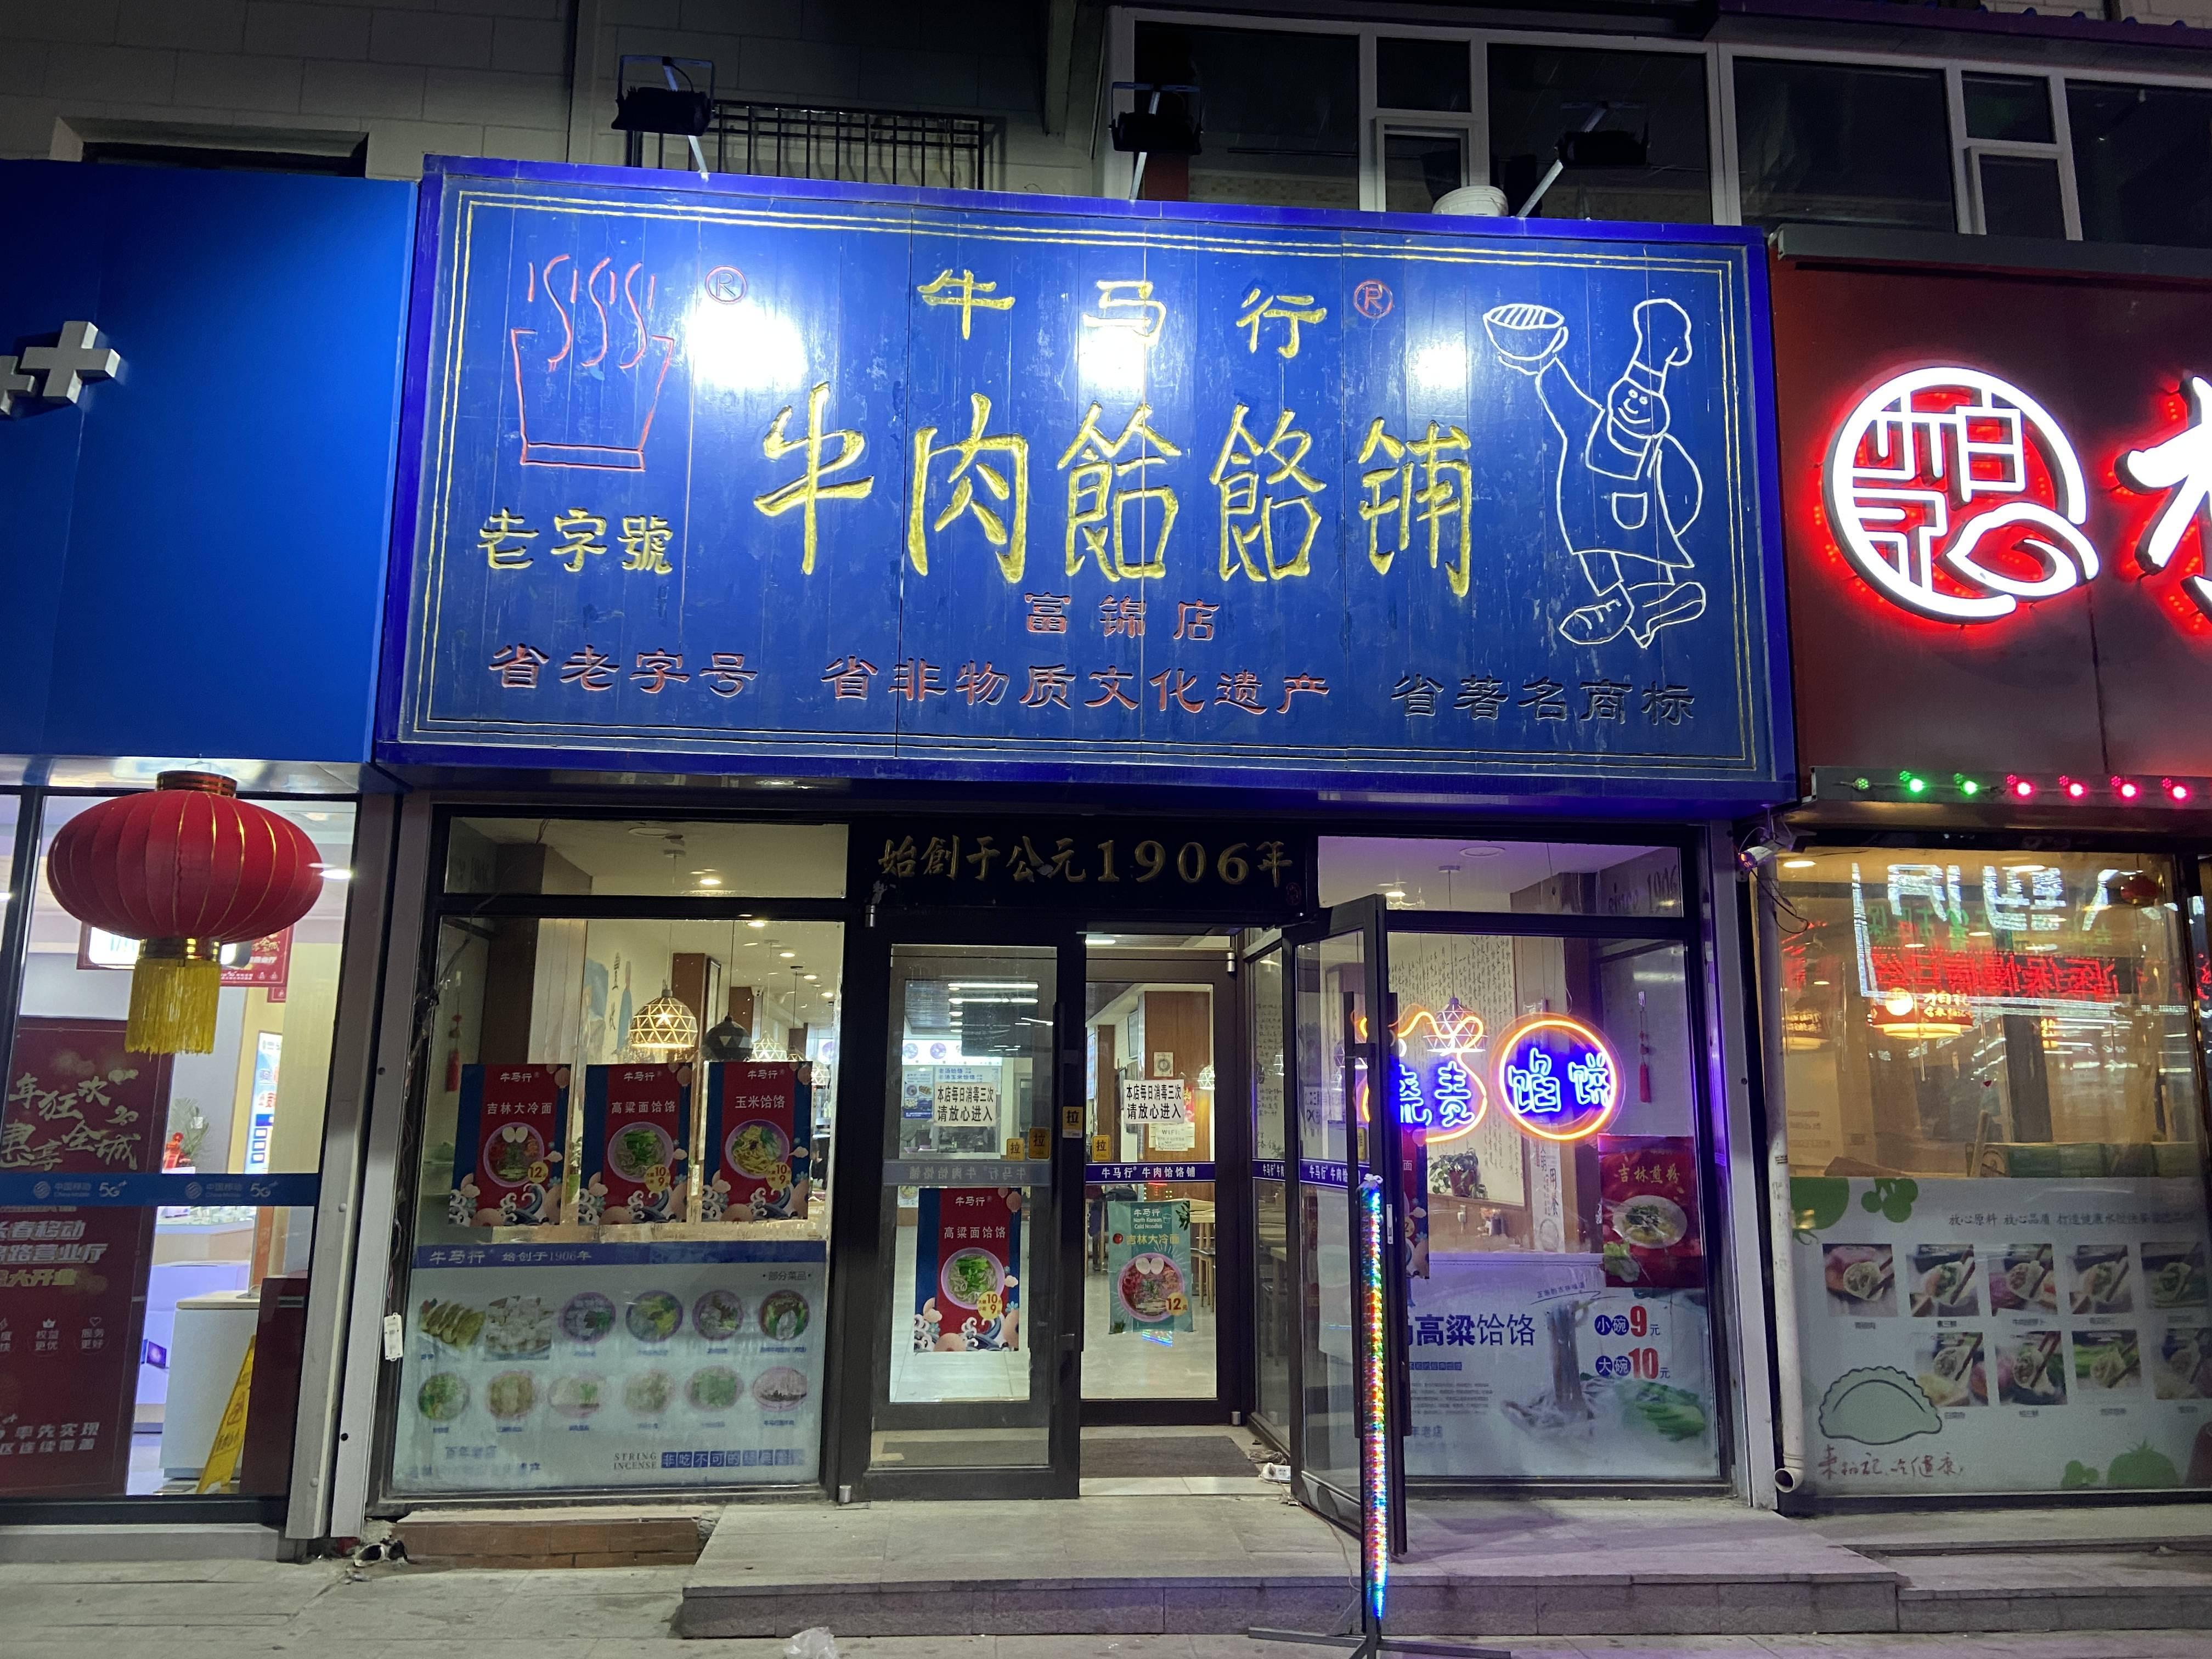 吉林长春这家特色小吃店,拥有百年的历史,是省级非物质文化遗产